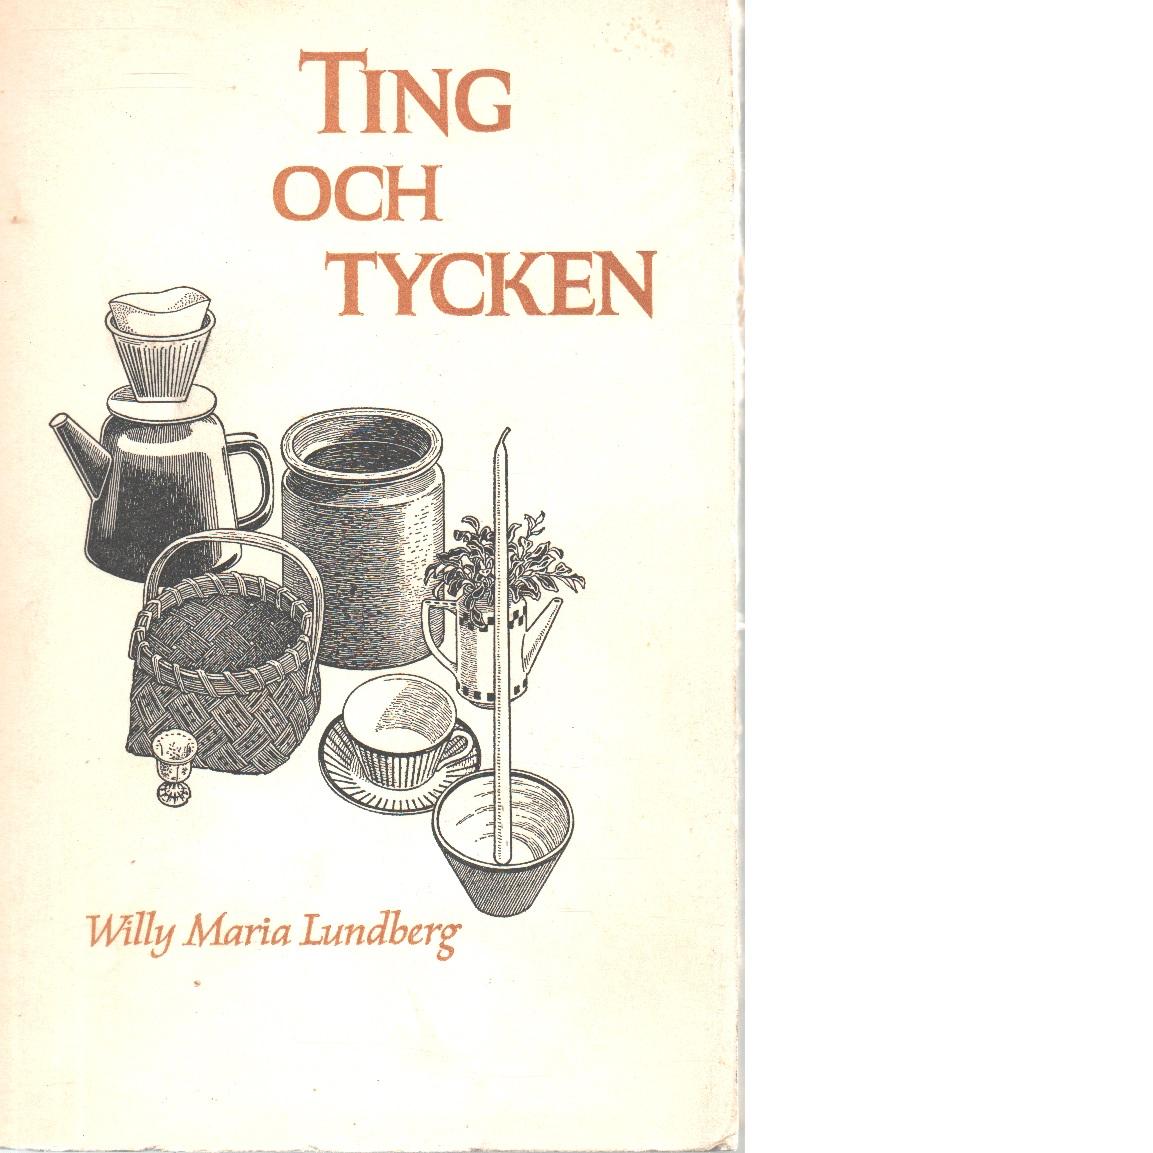 Ting och tycken - Lundberg, Willy Maria